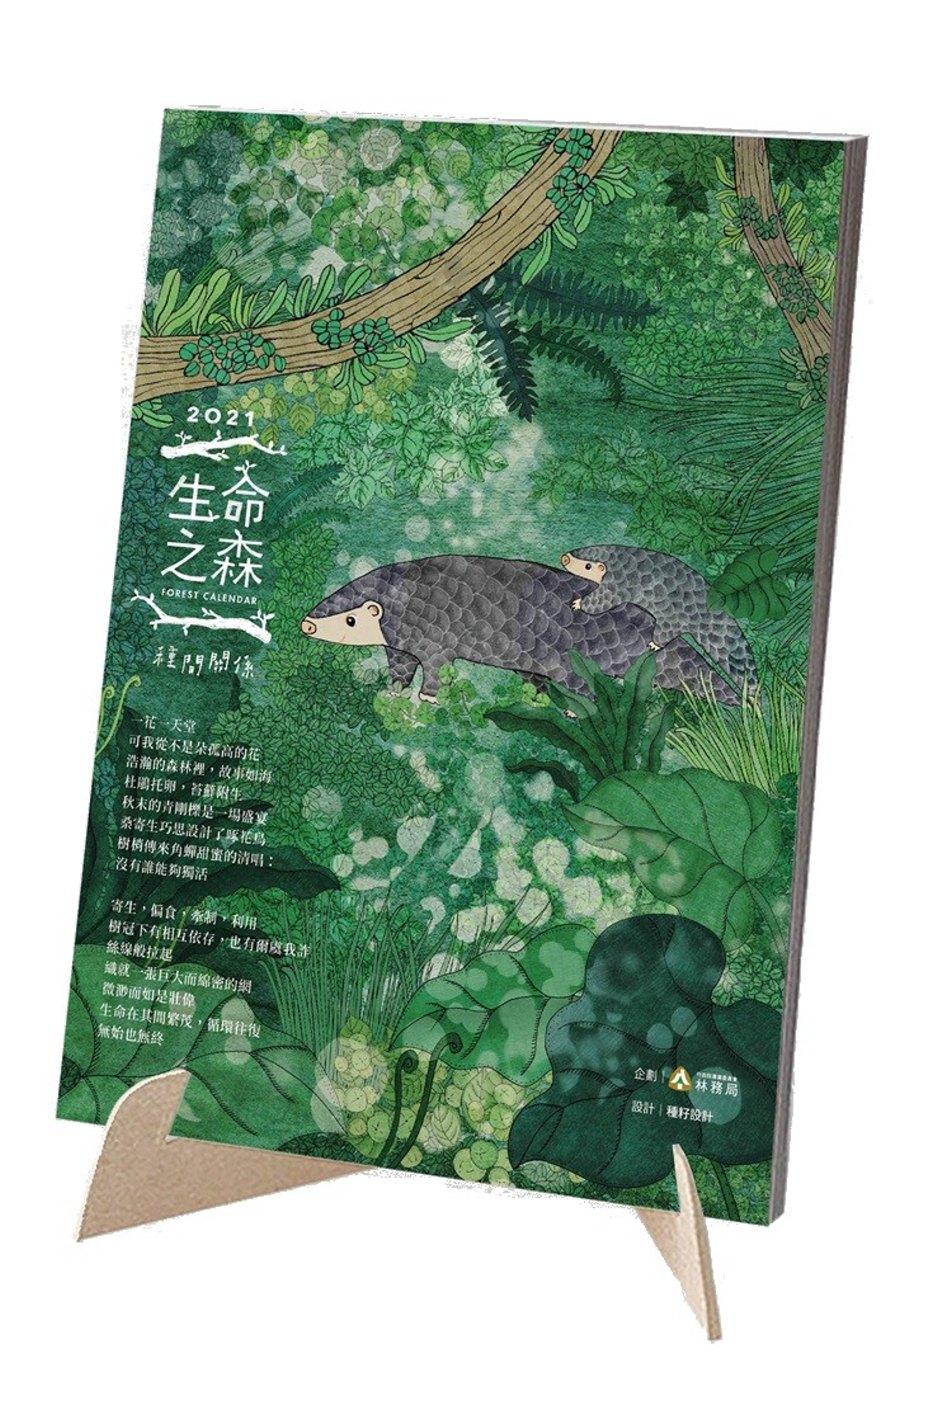 林務局2021「生命之森 - 種間關係」桌曆